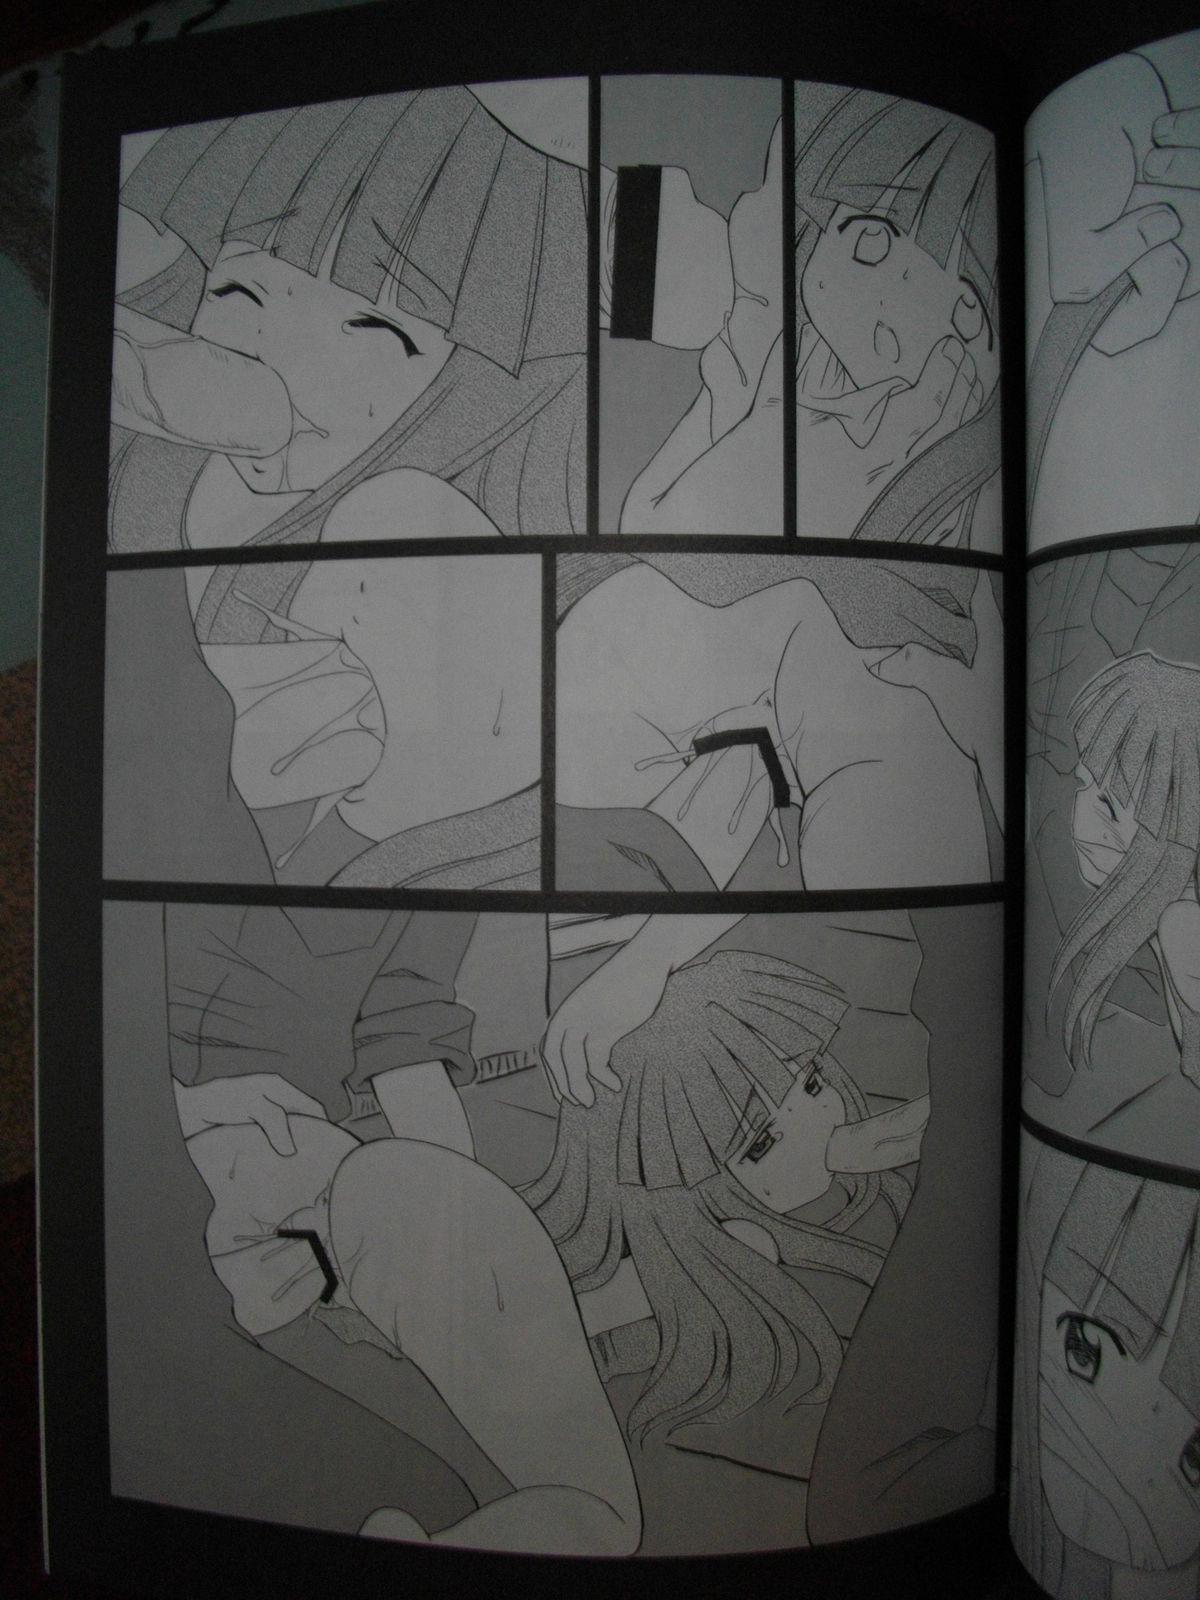 Sonohigurashi 21